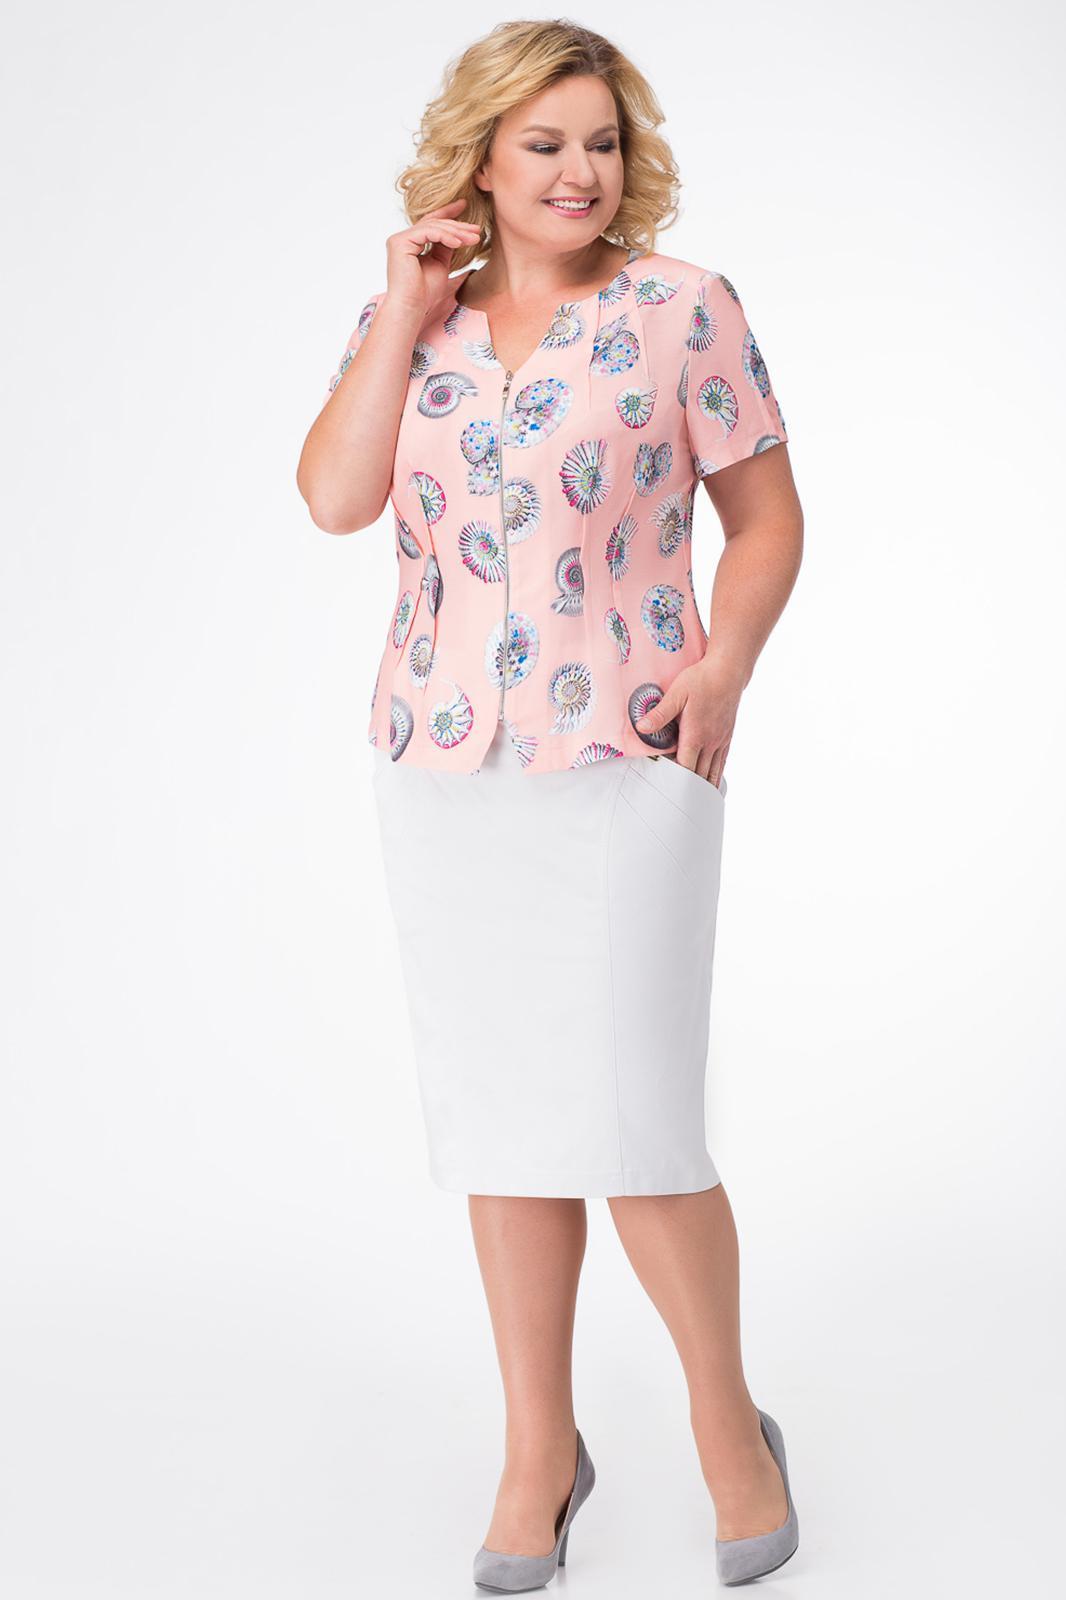 b13efe4edc12a Купить юбку в интернет-магазине в Минске. Белорусские женские юбки